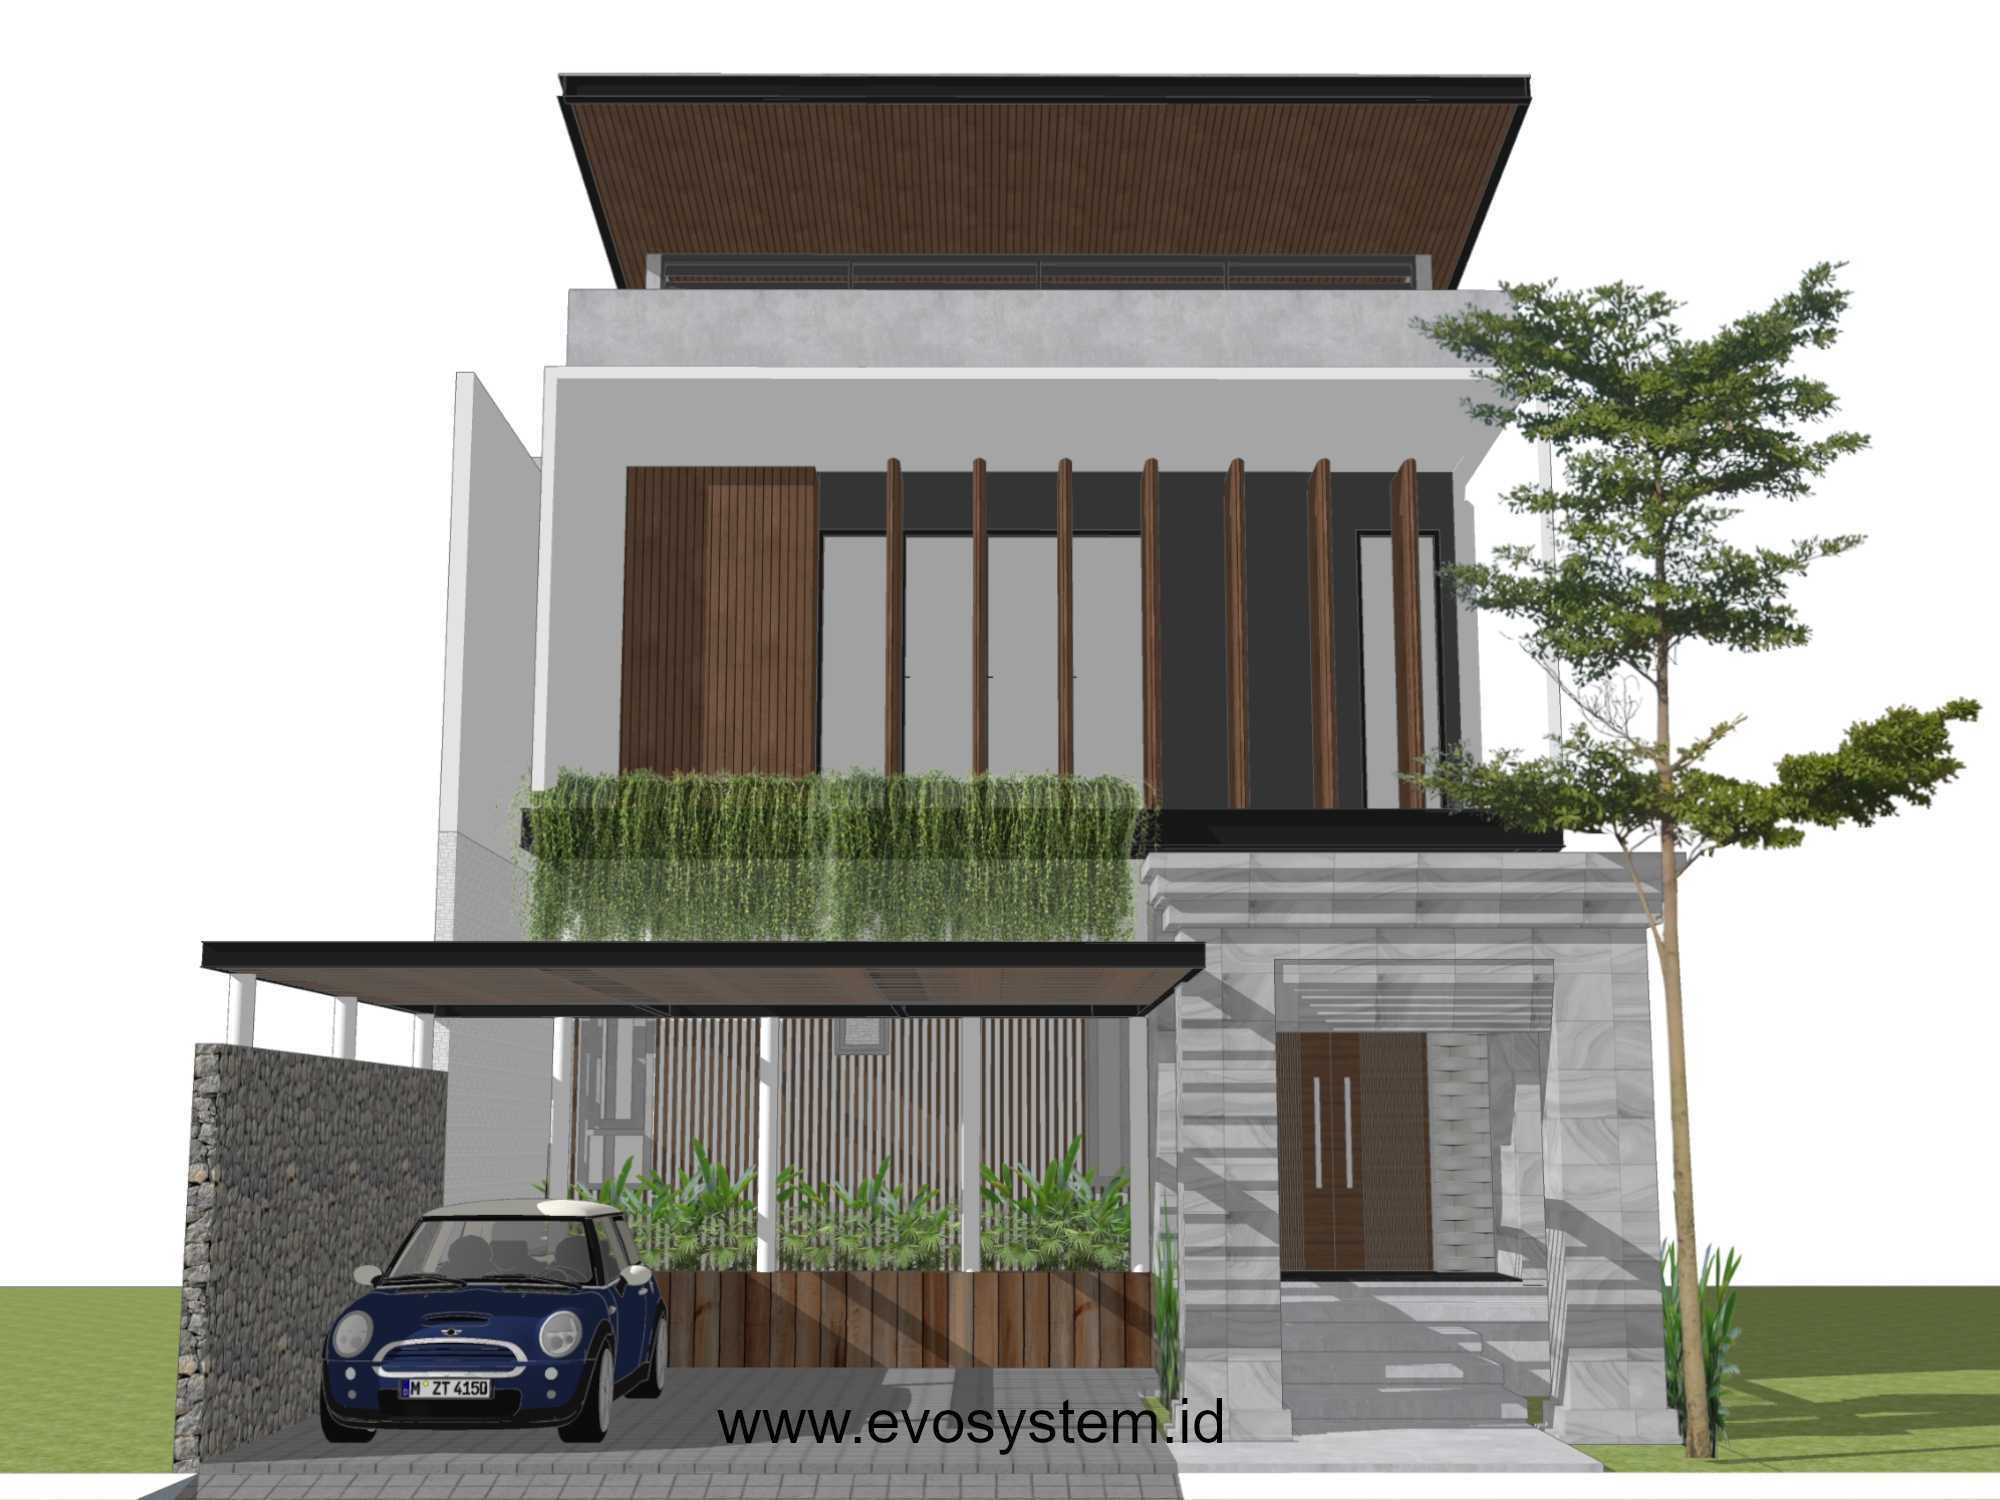 Evosystem Bm House Cikarang, Bekasi, Jawa Barat, Indonesia Cikarang, Bekasi, Jawa Barat, Indonesia Evo-System-Bm-House   92390